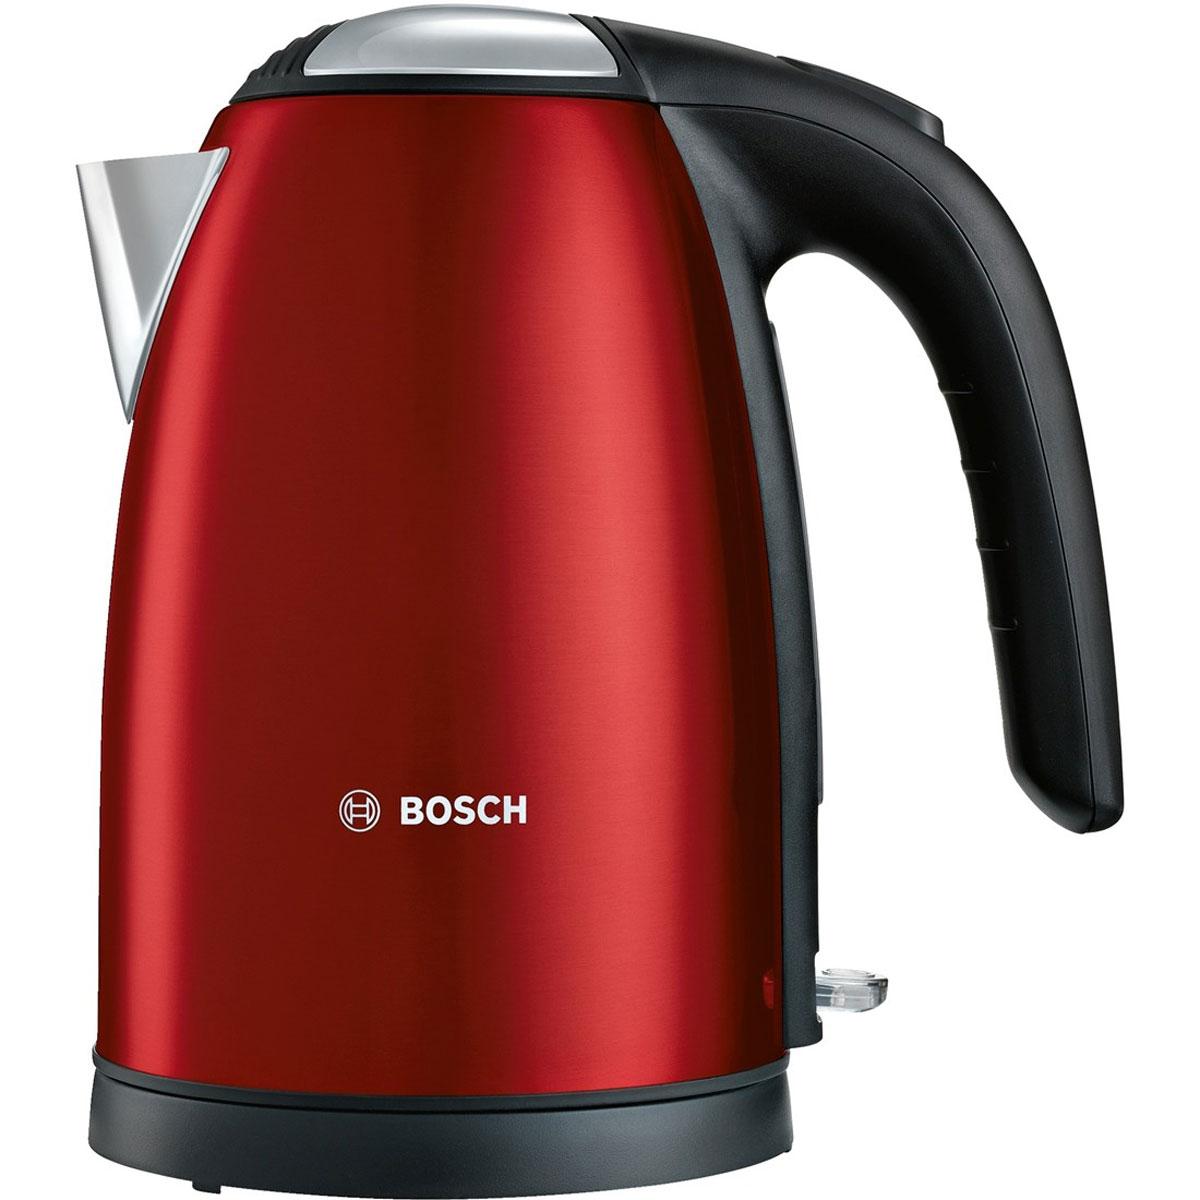 Bosch TWK 7804, Red чайникTWK7804Bosch TWK 7804 - компактный и надежный электрический чайник со скрытым нагревательным элементом изнержавеющей стали. Прибор оснащен съемным фильтром от накипи, что позволяет существенно продлить срокего использования. Цоколь с поворотом на 360° имеет центральный контакт. Также удобство в использованииобеспечивают функция автовыключения и защита от перегрева.